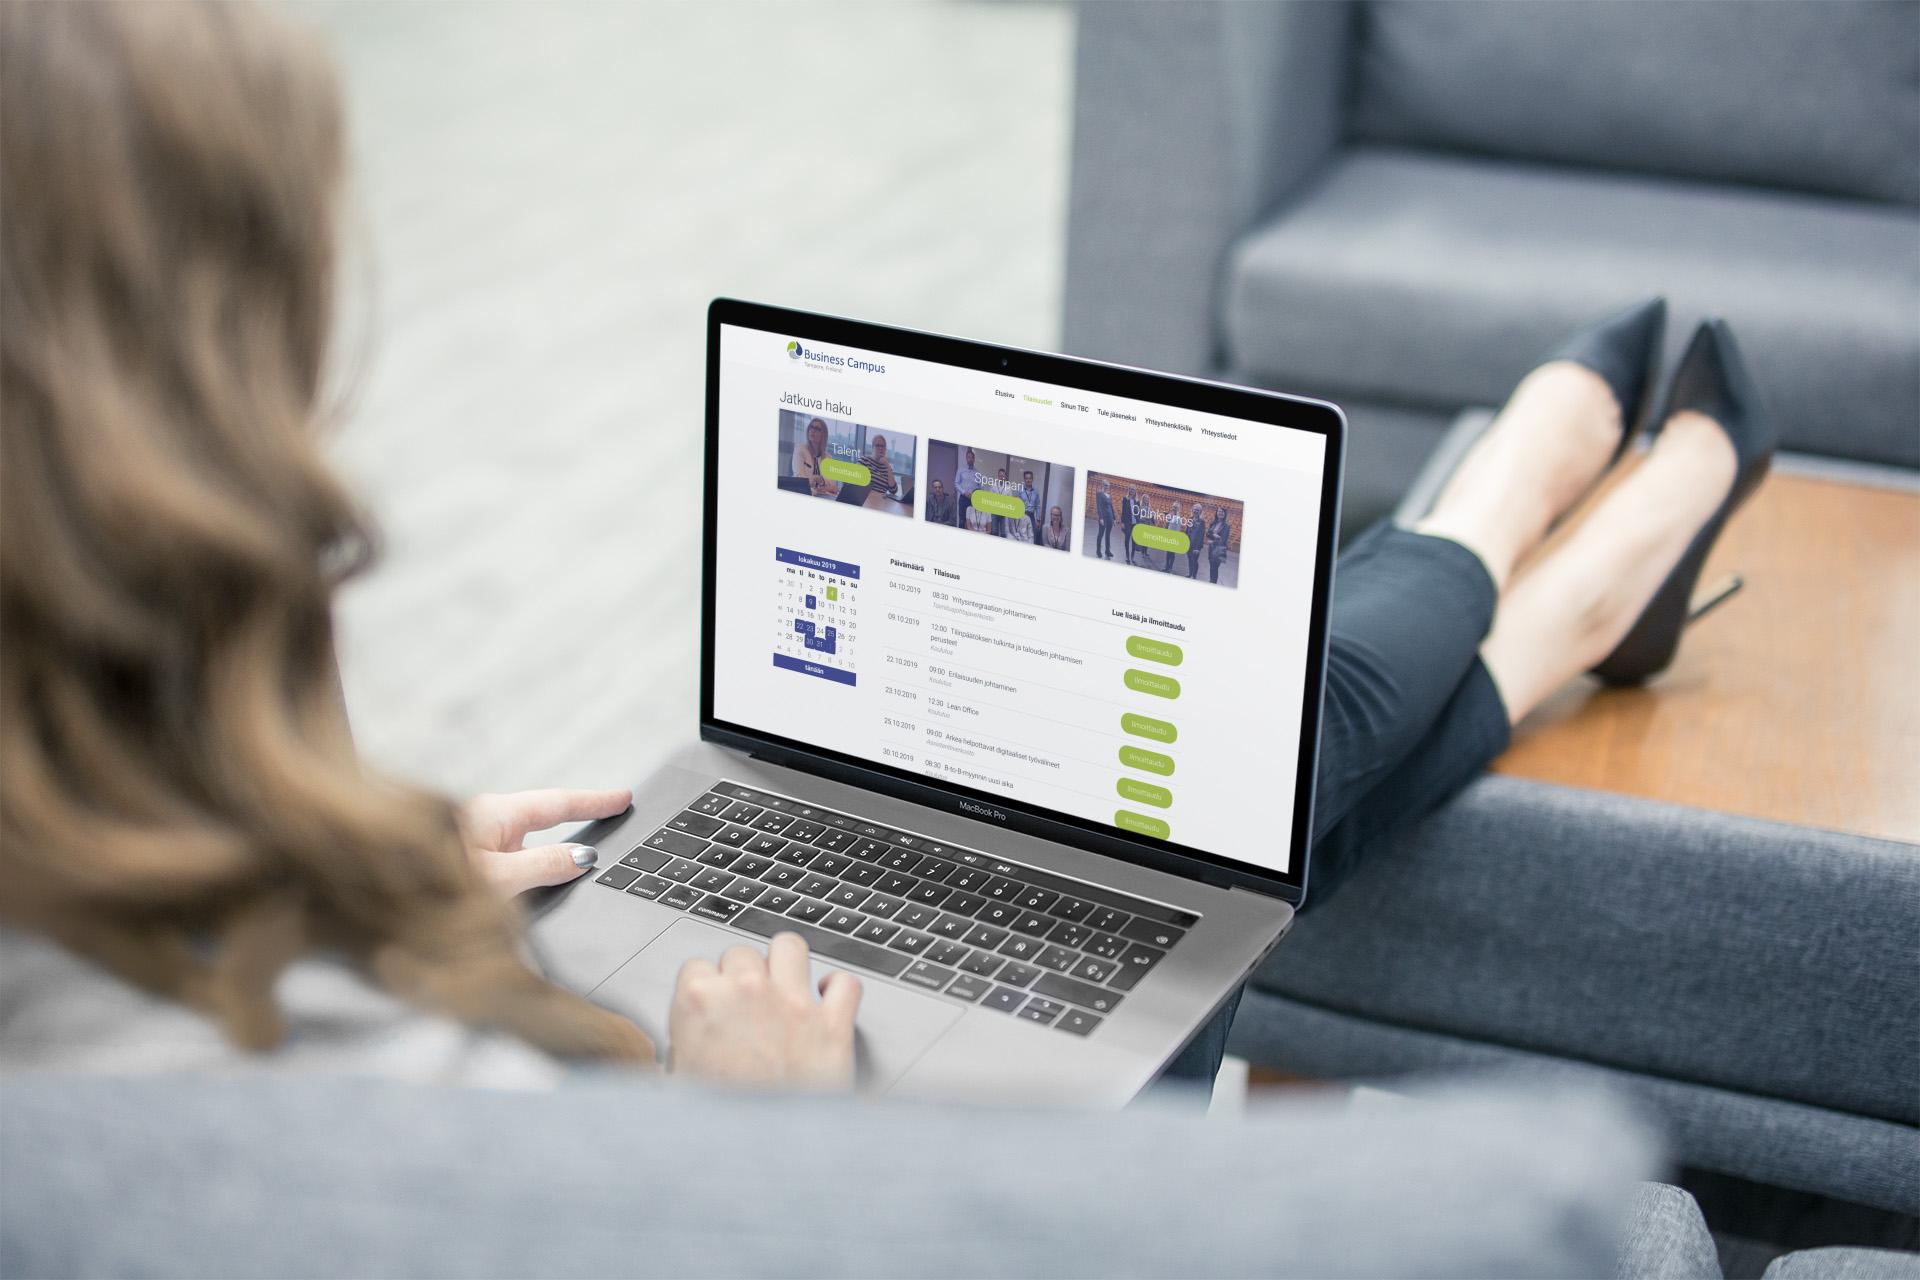 Nainen istuu sohvalla ja katselee businesscampus.fi tilaisuudet sivua läppärillä.